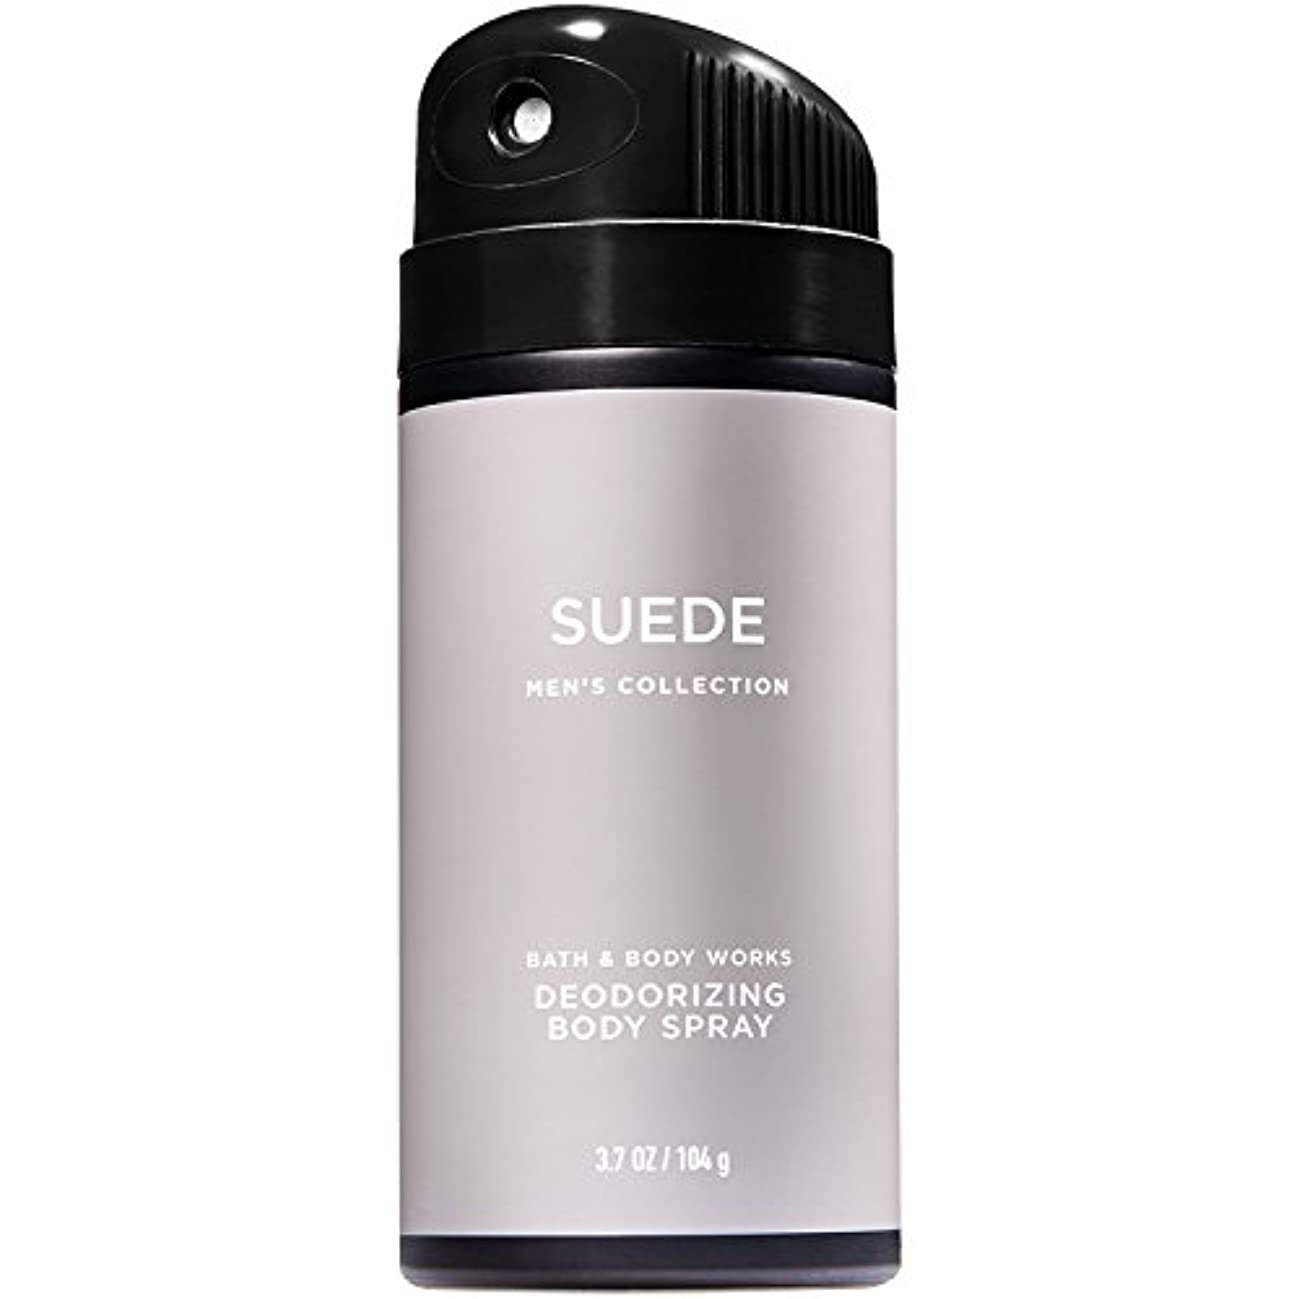 ダウンタウン社会全国【並行輸入品】Bath and Body Works Signature Collection for Men Suede Deodorizing Body Spray 104 g